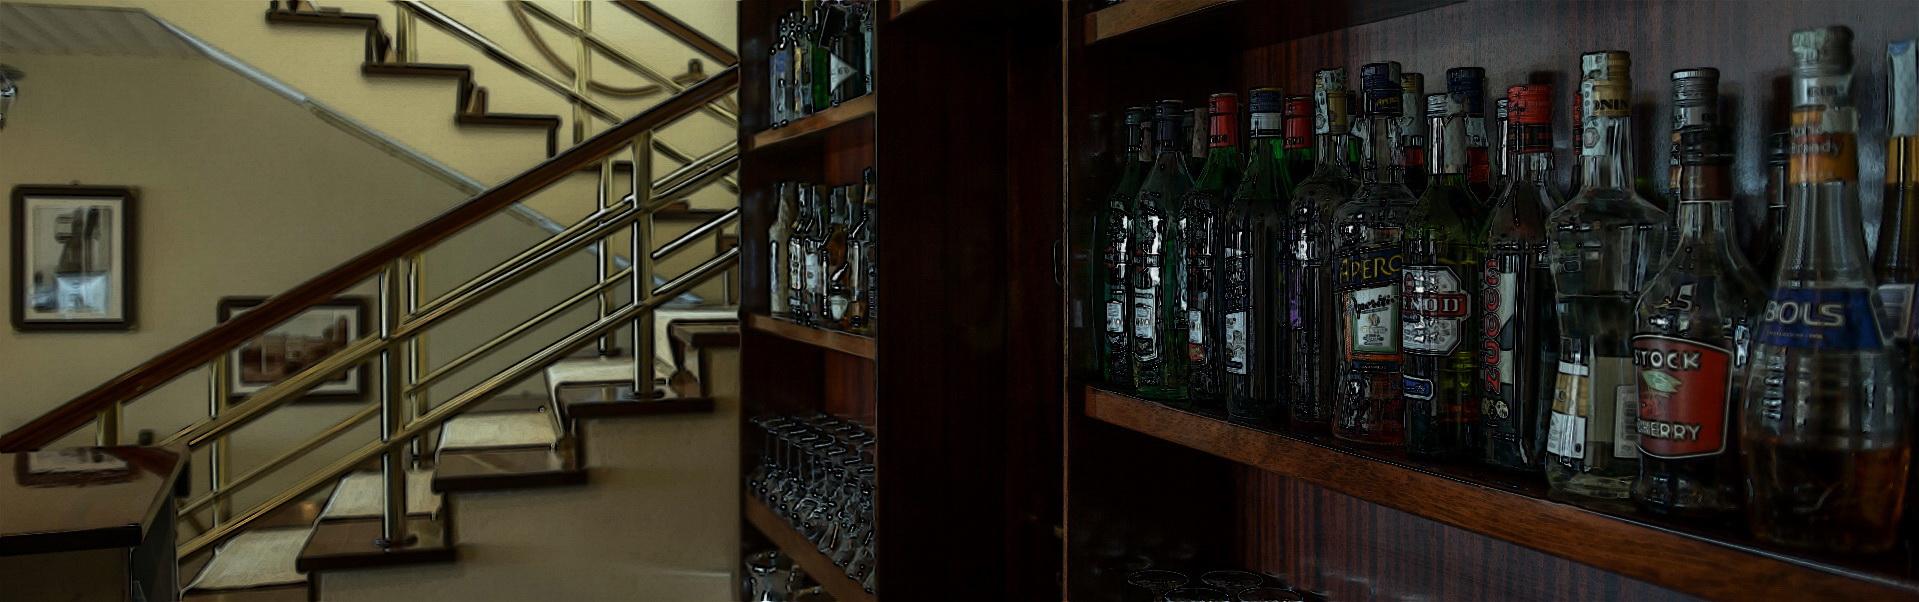 Head astor arredamenti 583 astor arredamenti for Astor arredamenti bar